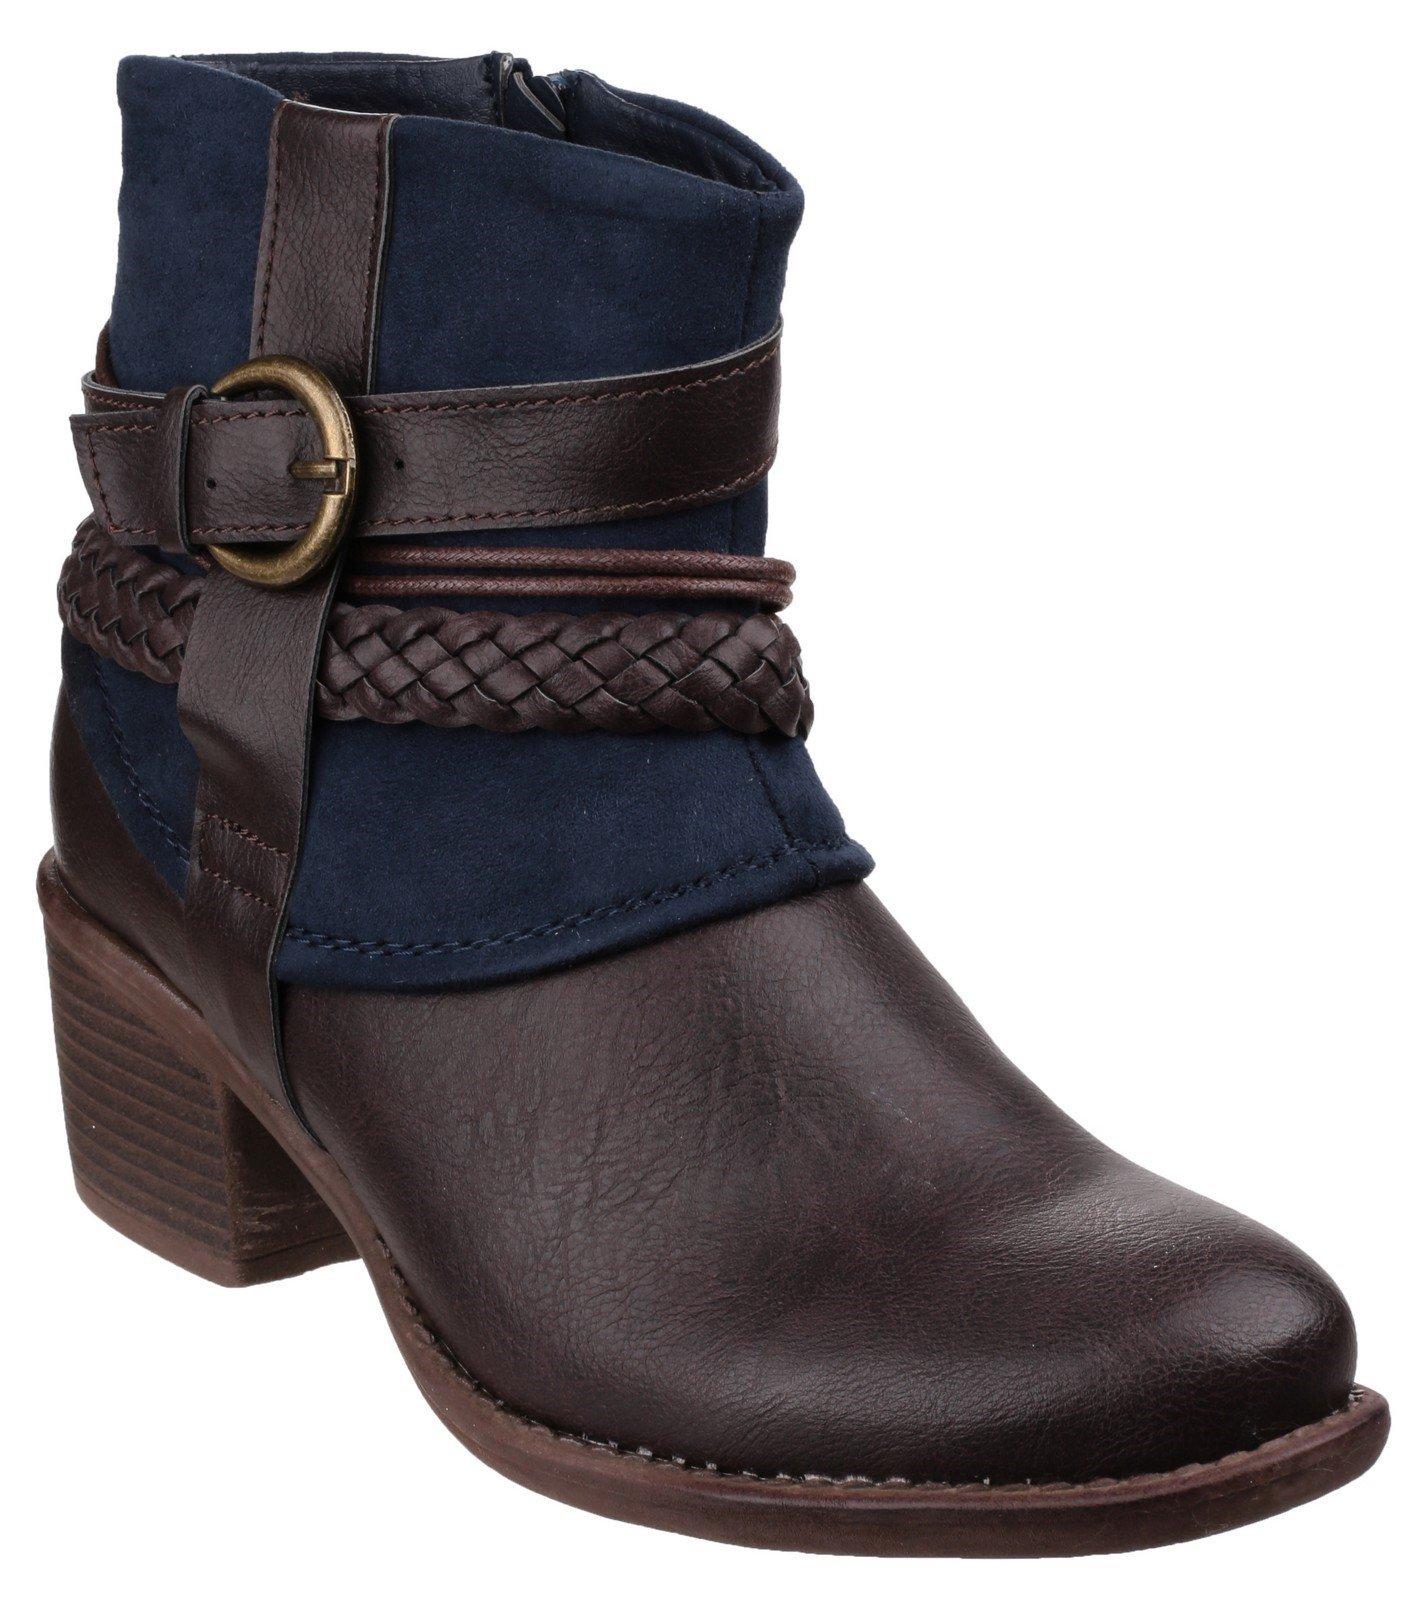 Divaz Women's Vado Zip Up Ankle Boot Brown 22807-37232 - Navy 8